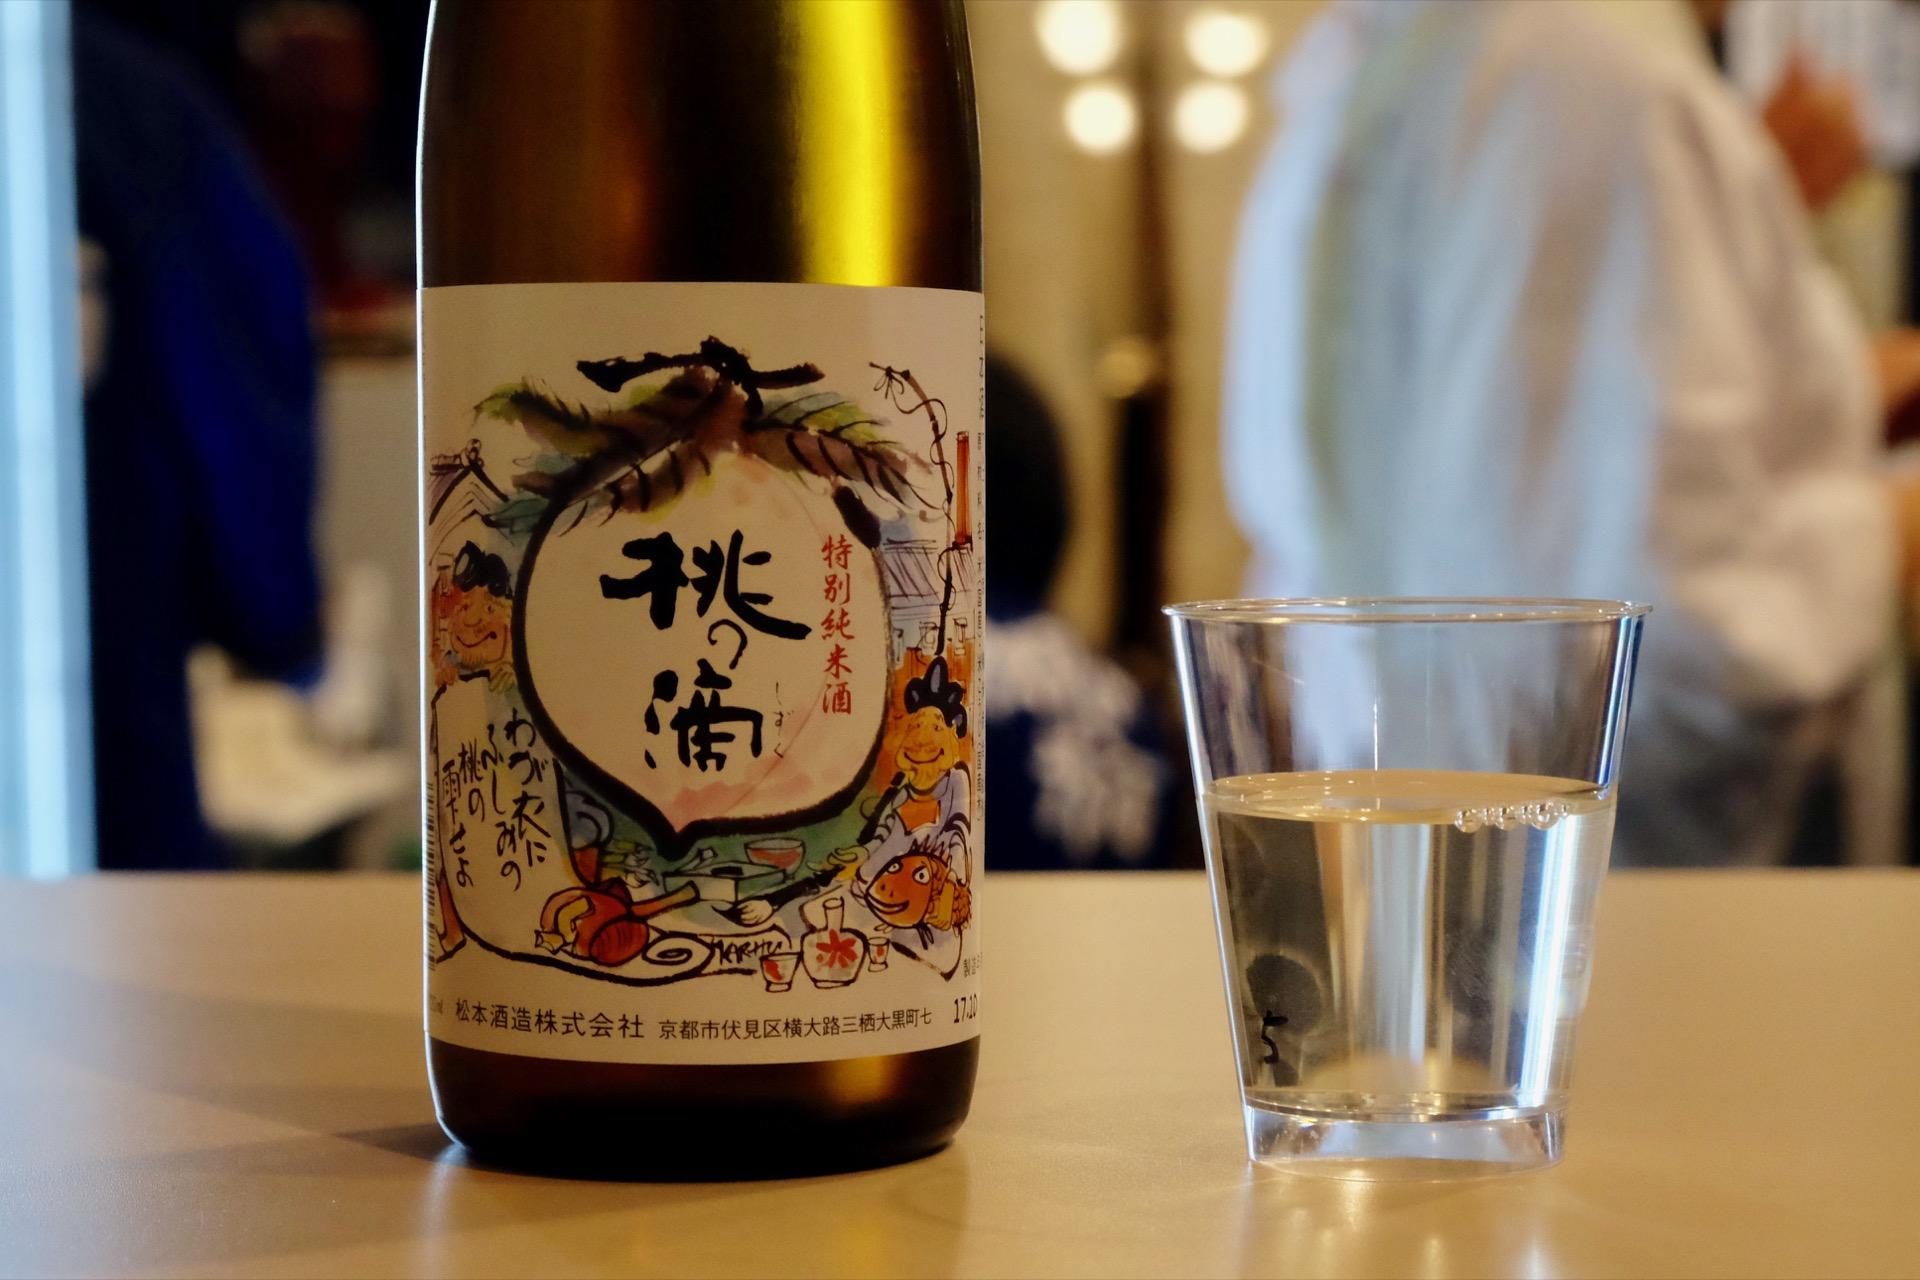 桃の滴 特別純米酒|日本酒テイスティングノート